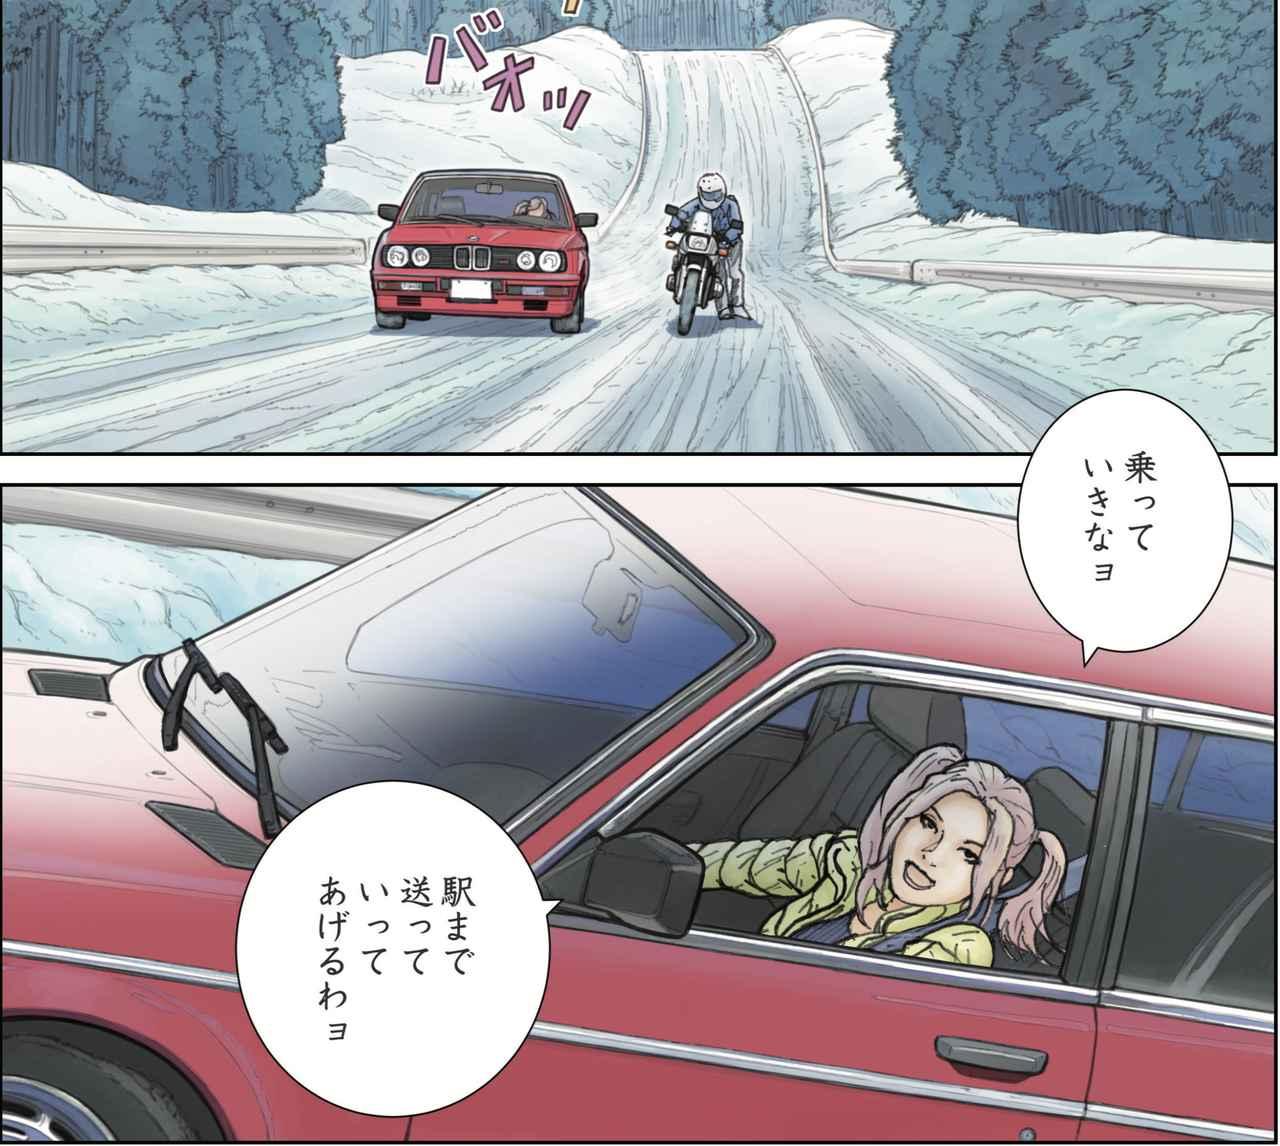 画像2: さしものカタナも雪道じゃあかたなしだけど、意地だってあるのさ。